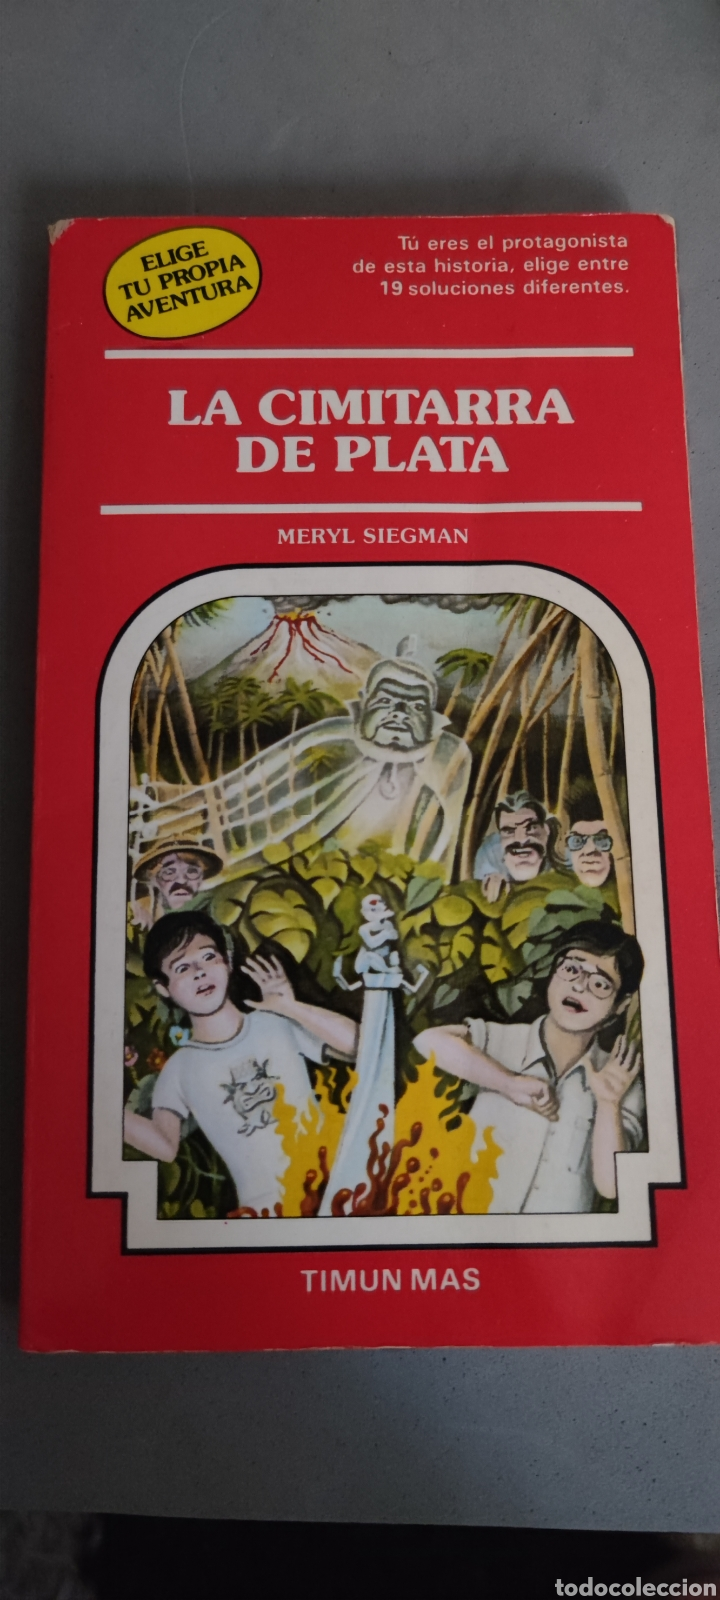 LA CIMITARRA DE PLATA (Libros Nuevos - Literatura - Relatos y Cuentos)